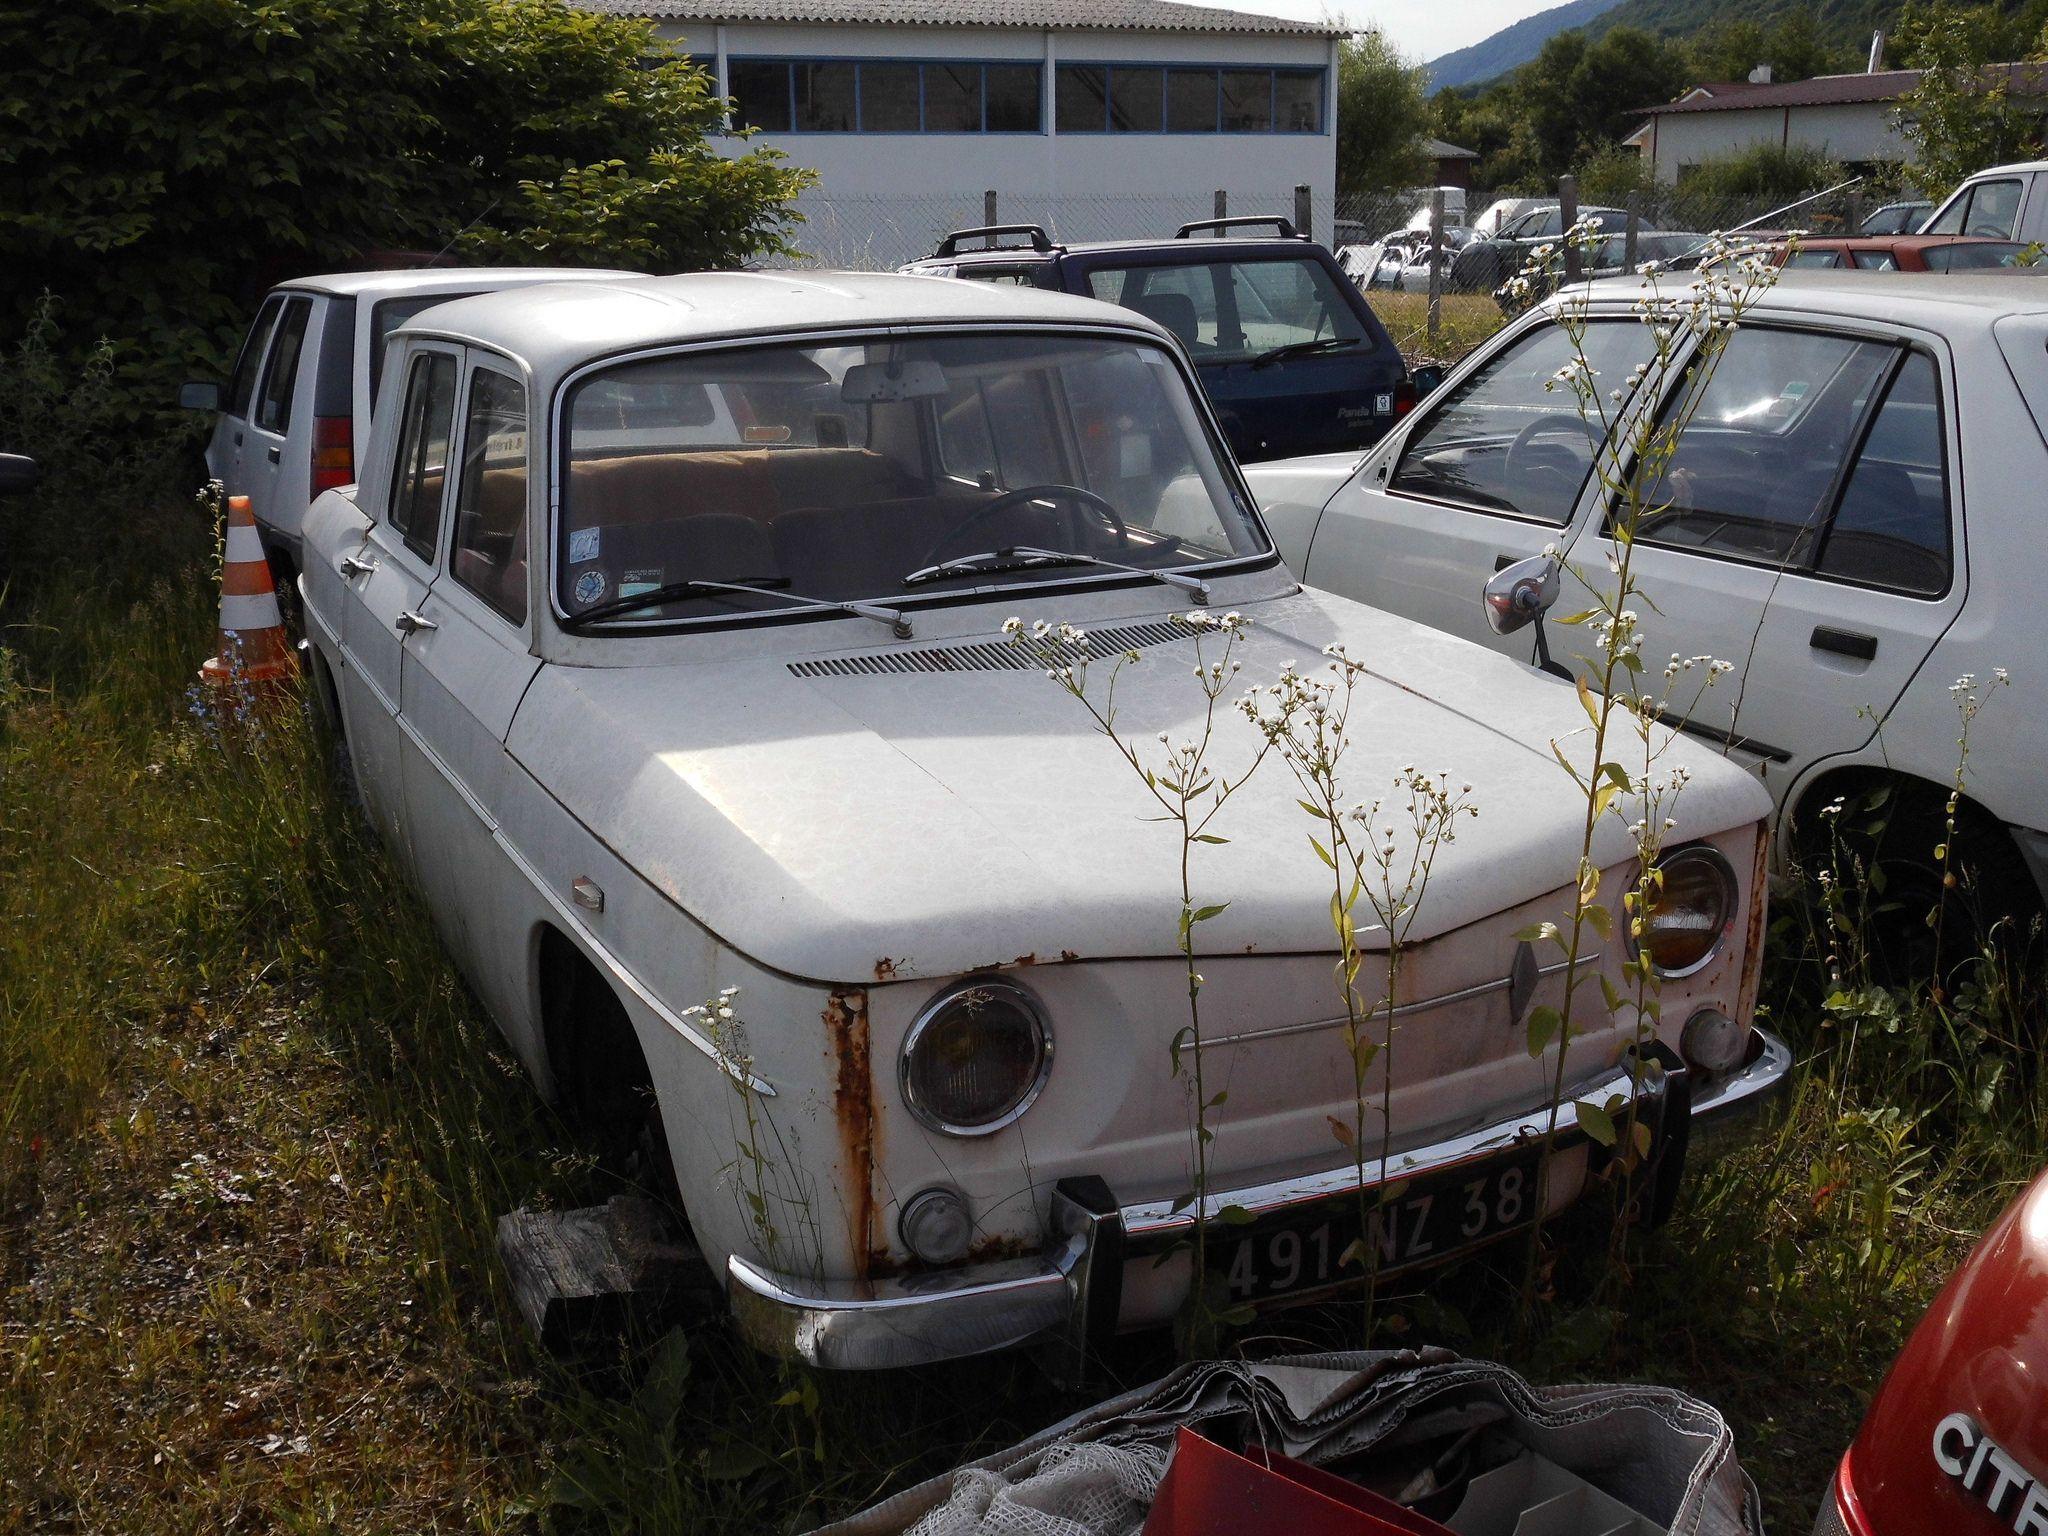 Épinglé par Role sur scrap yard   Renault 8, Renault, Vehicule